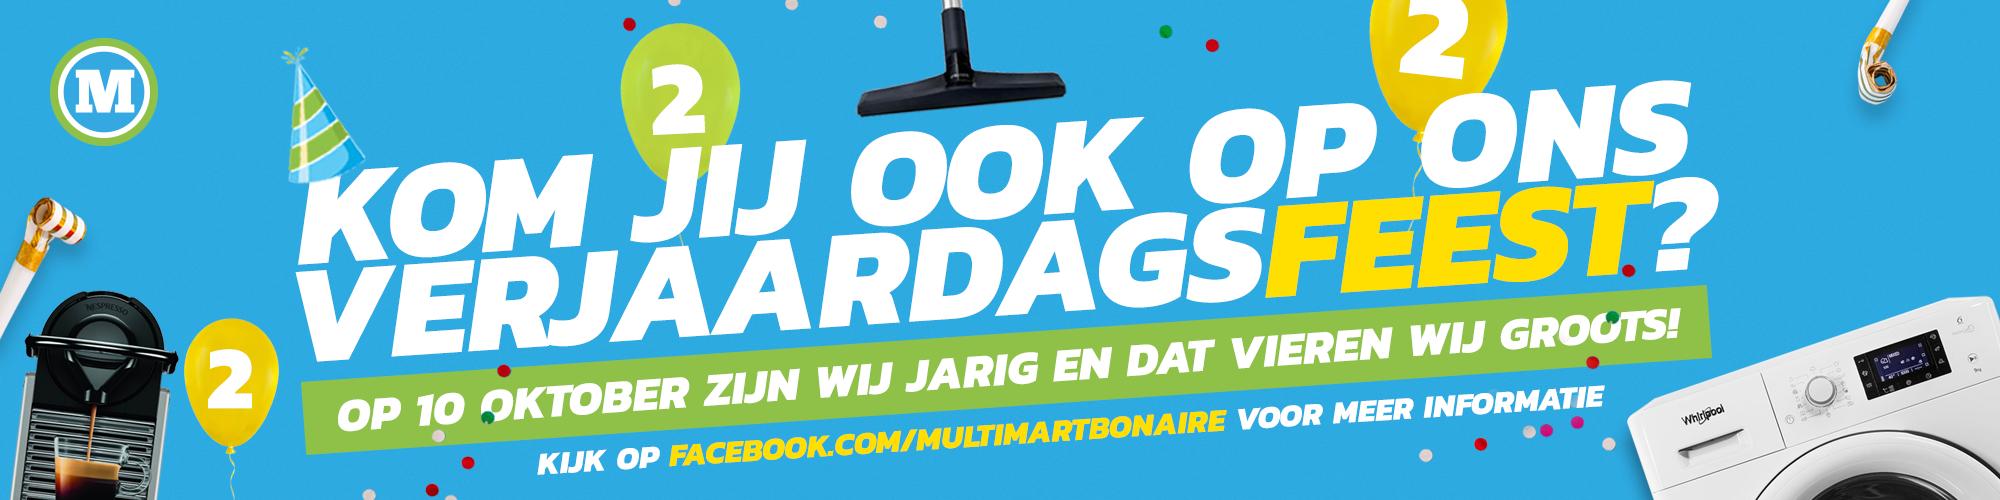 MultiMart is de grootste én goedkoopste aanbieder van 220V/50Hz witgoed en huishoudelijke apparaten op Bonaire banner 2